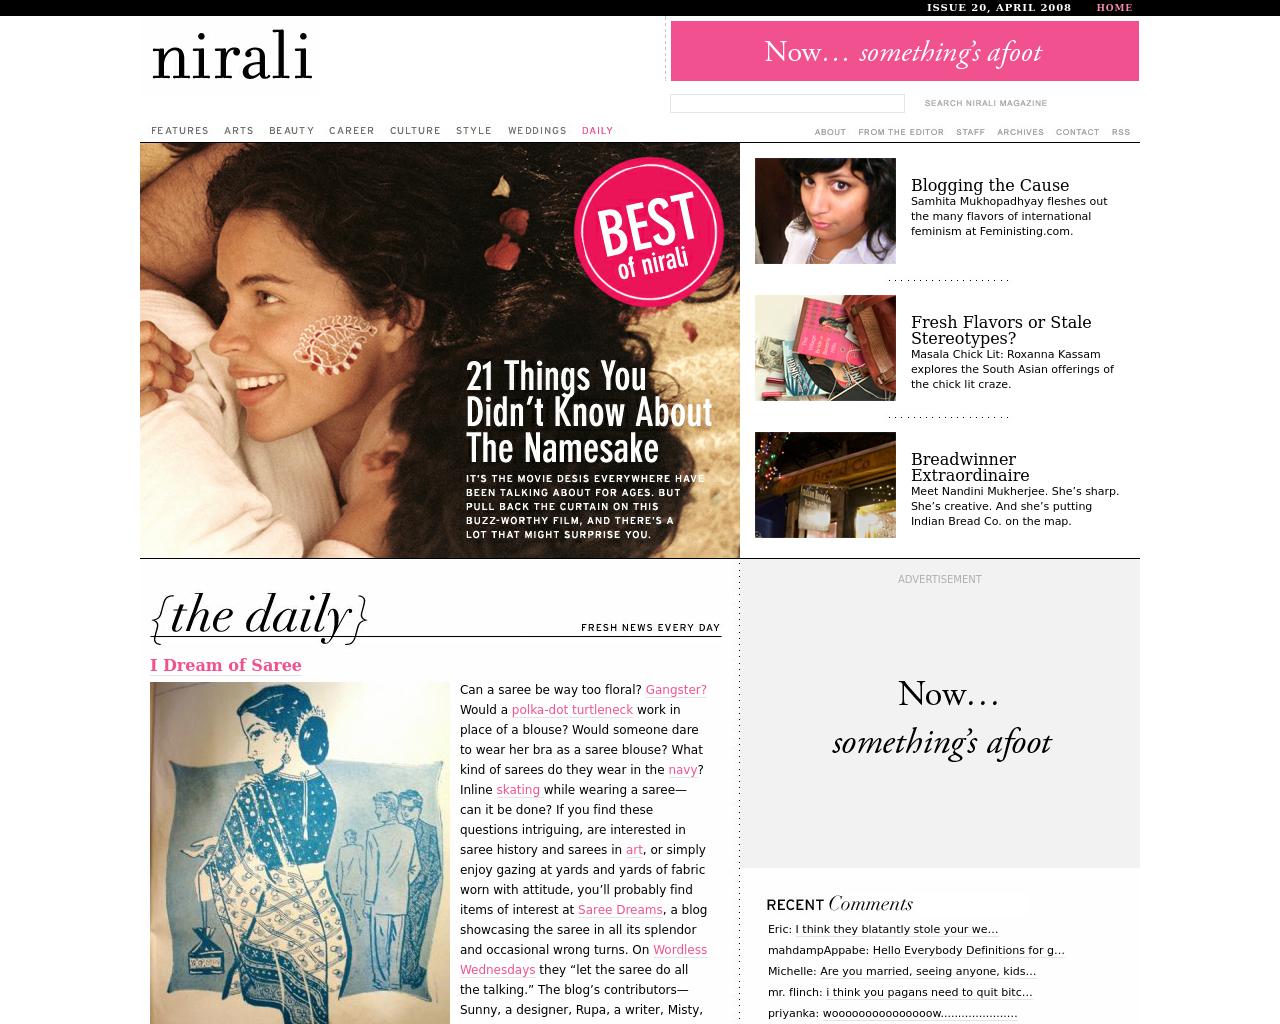 Nirali-Magazine-Advertising-Reviews-Pricing